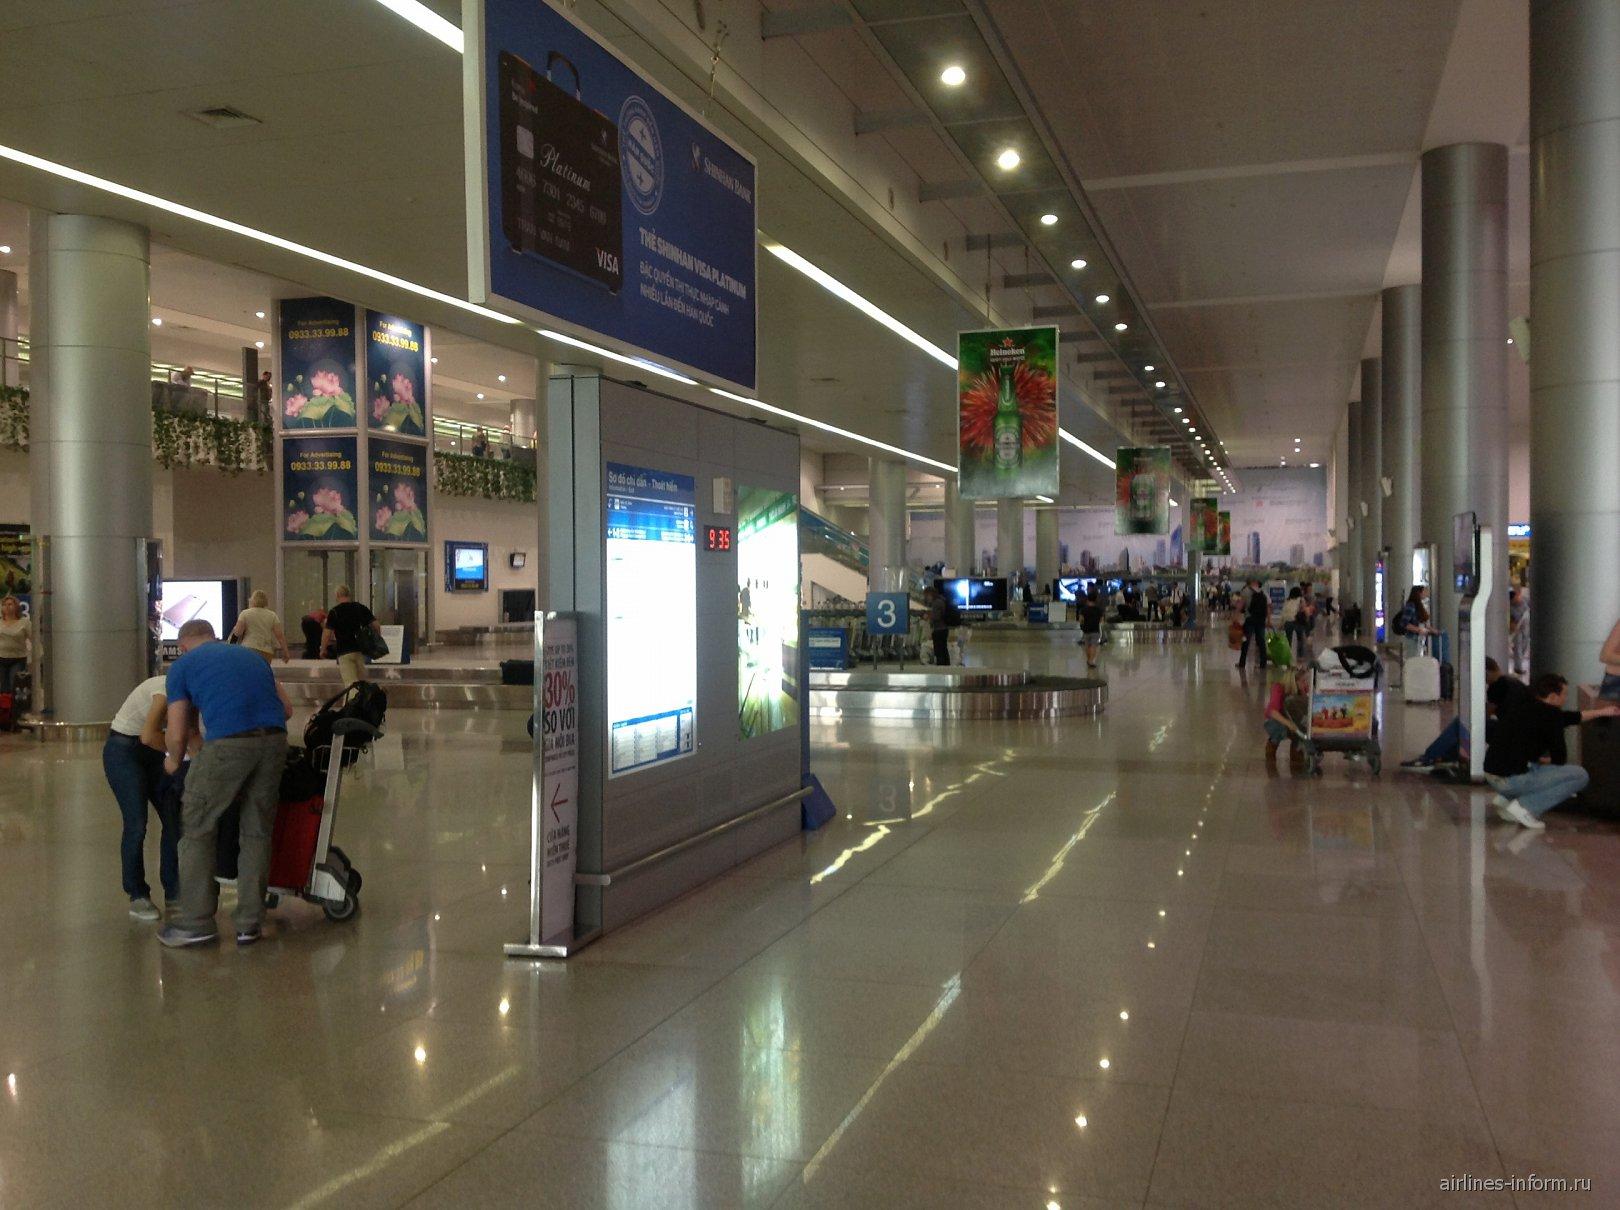 Зал выдачи багажа в аэропорту Хошимин Тан Сон Нхат